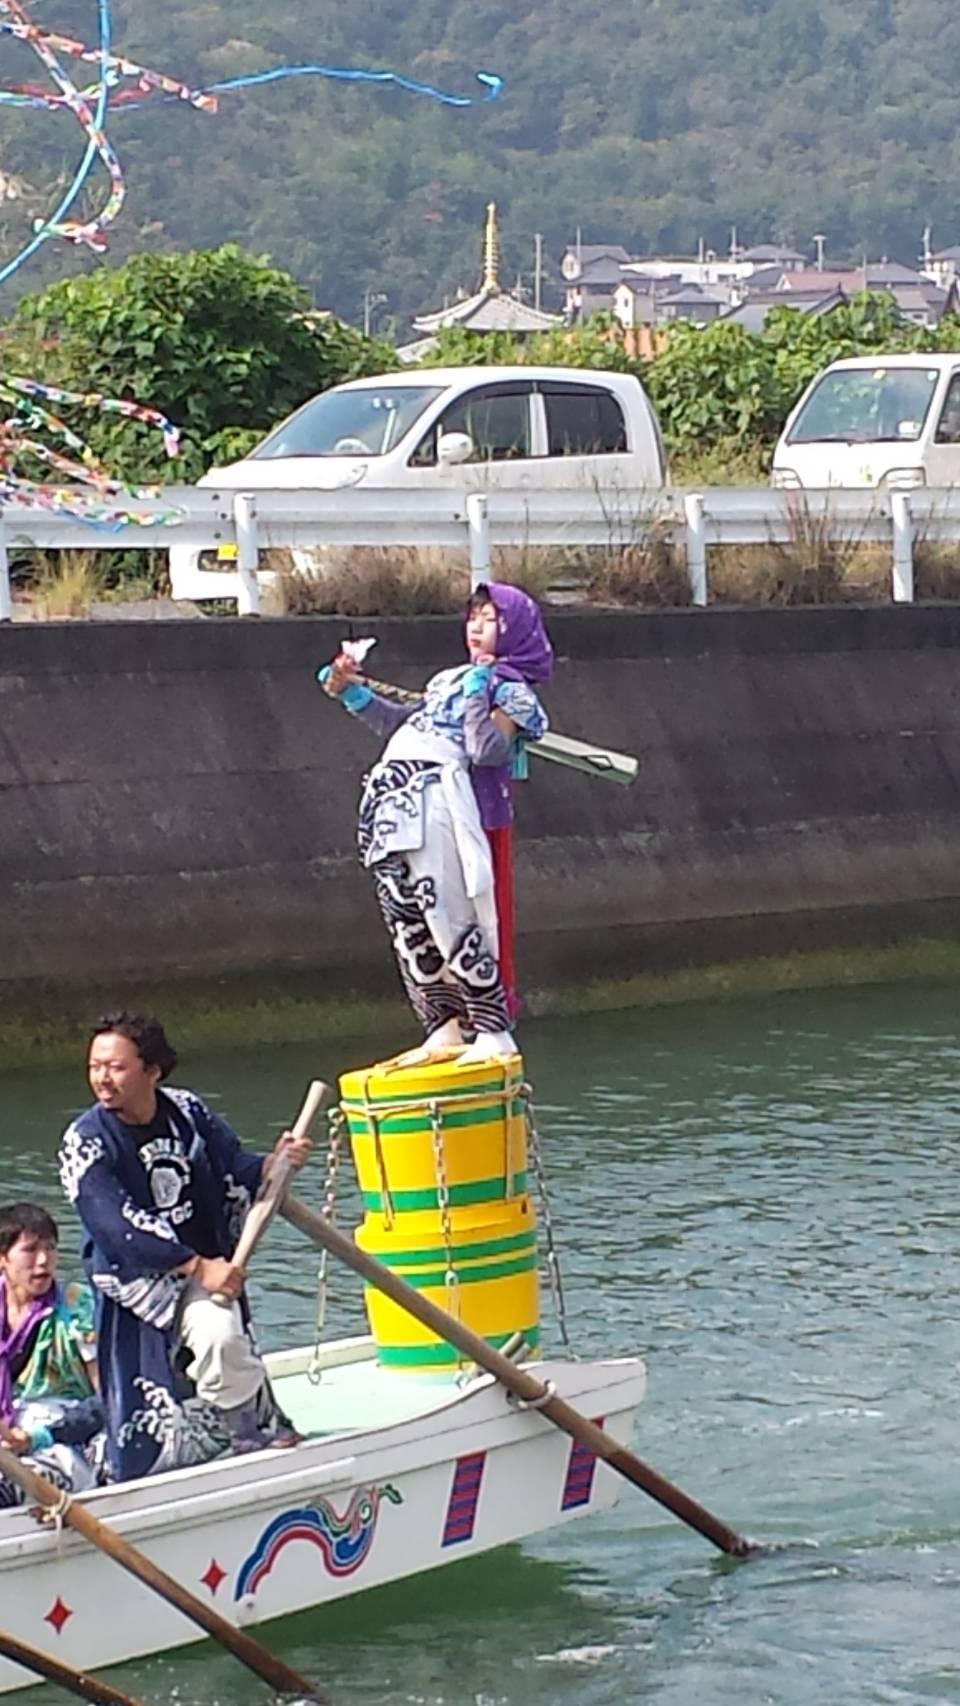 【二神です】三津口のお祭り!神山神社大祭!!_e0175370_18314161.jpg